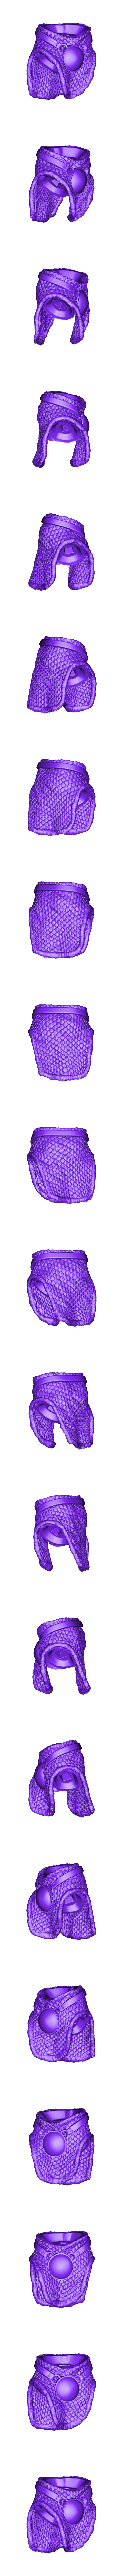 Hips (repaired).stl Download free STL file Black hunter • 3D printer template, al3x